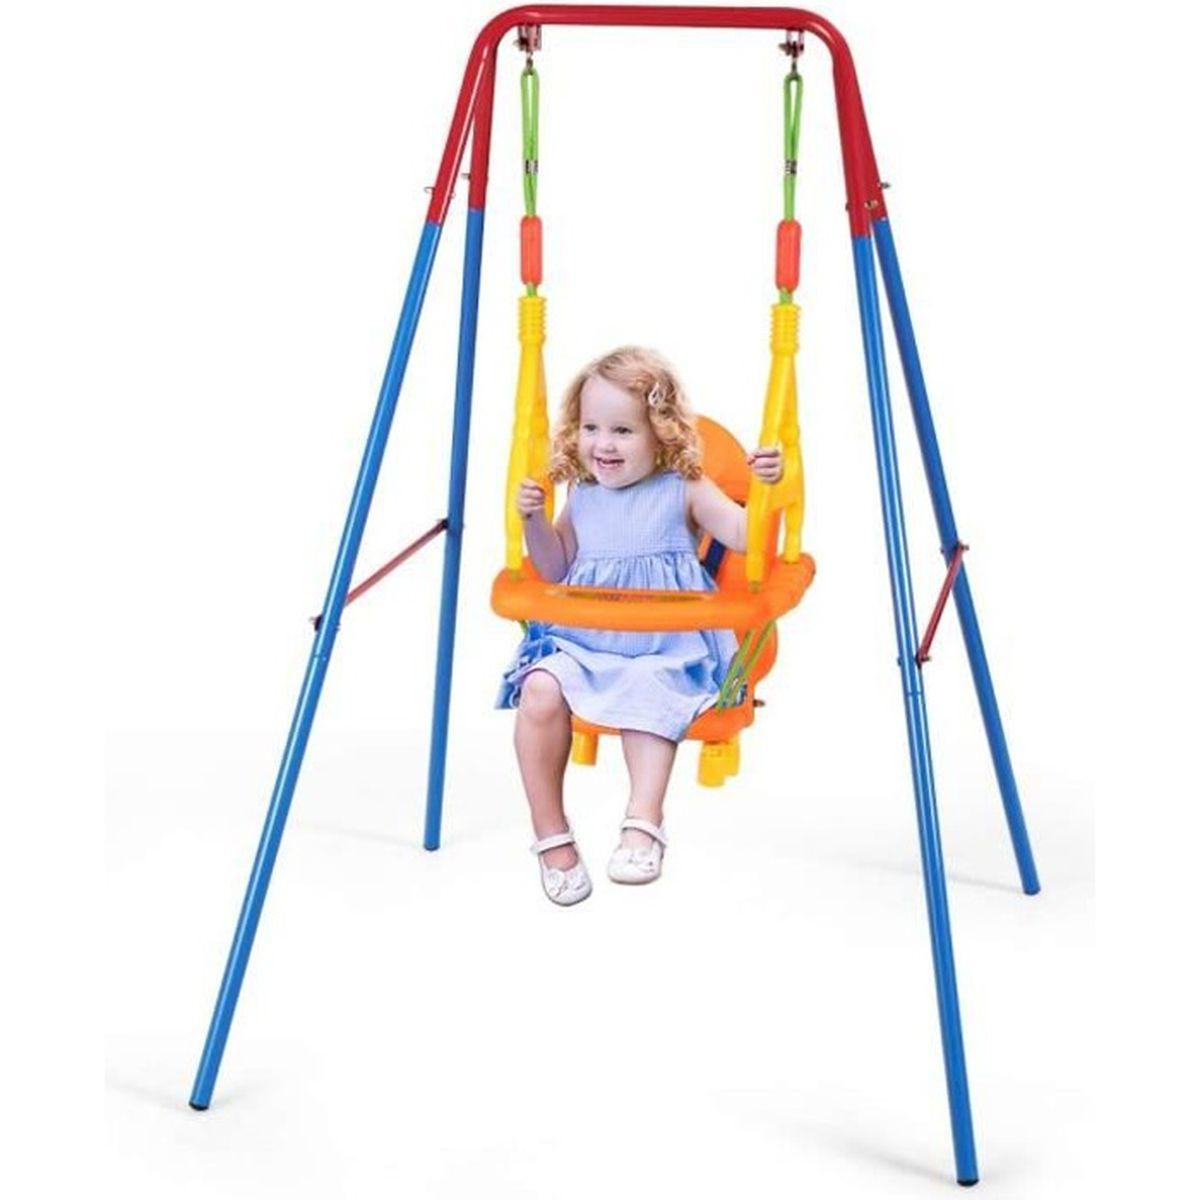 Enfants Plastique Jeu Balançoire Siège Bord Extérieur Jardin Playground Park Kids Toy